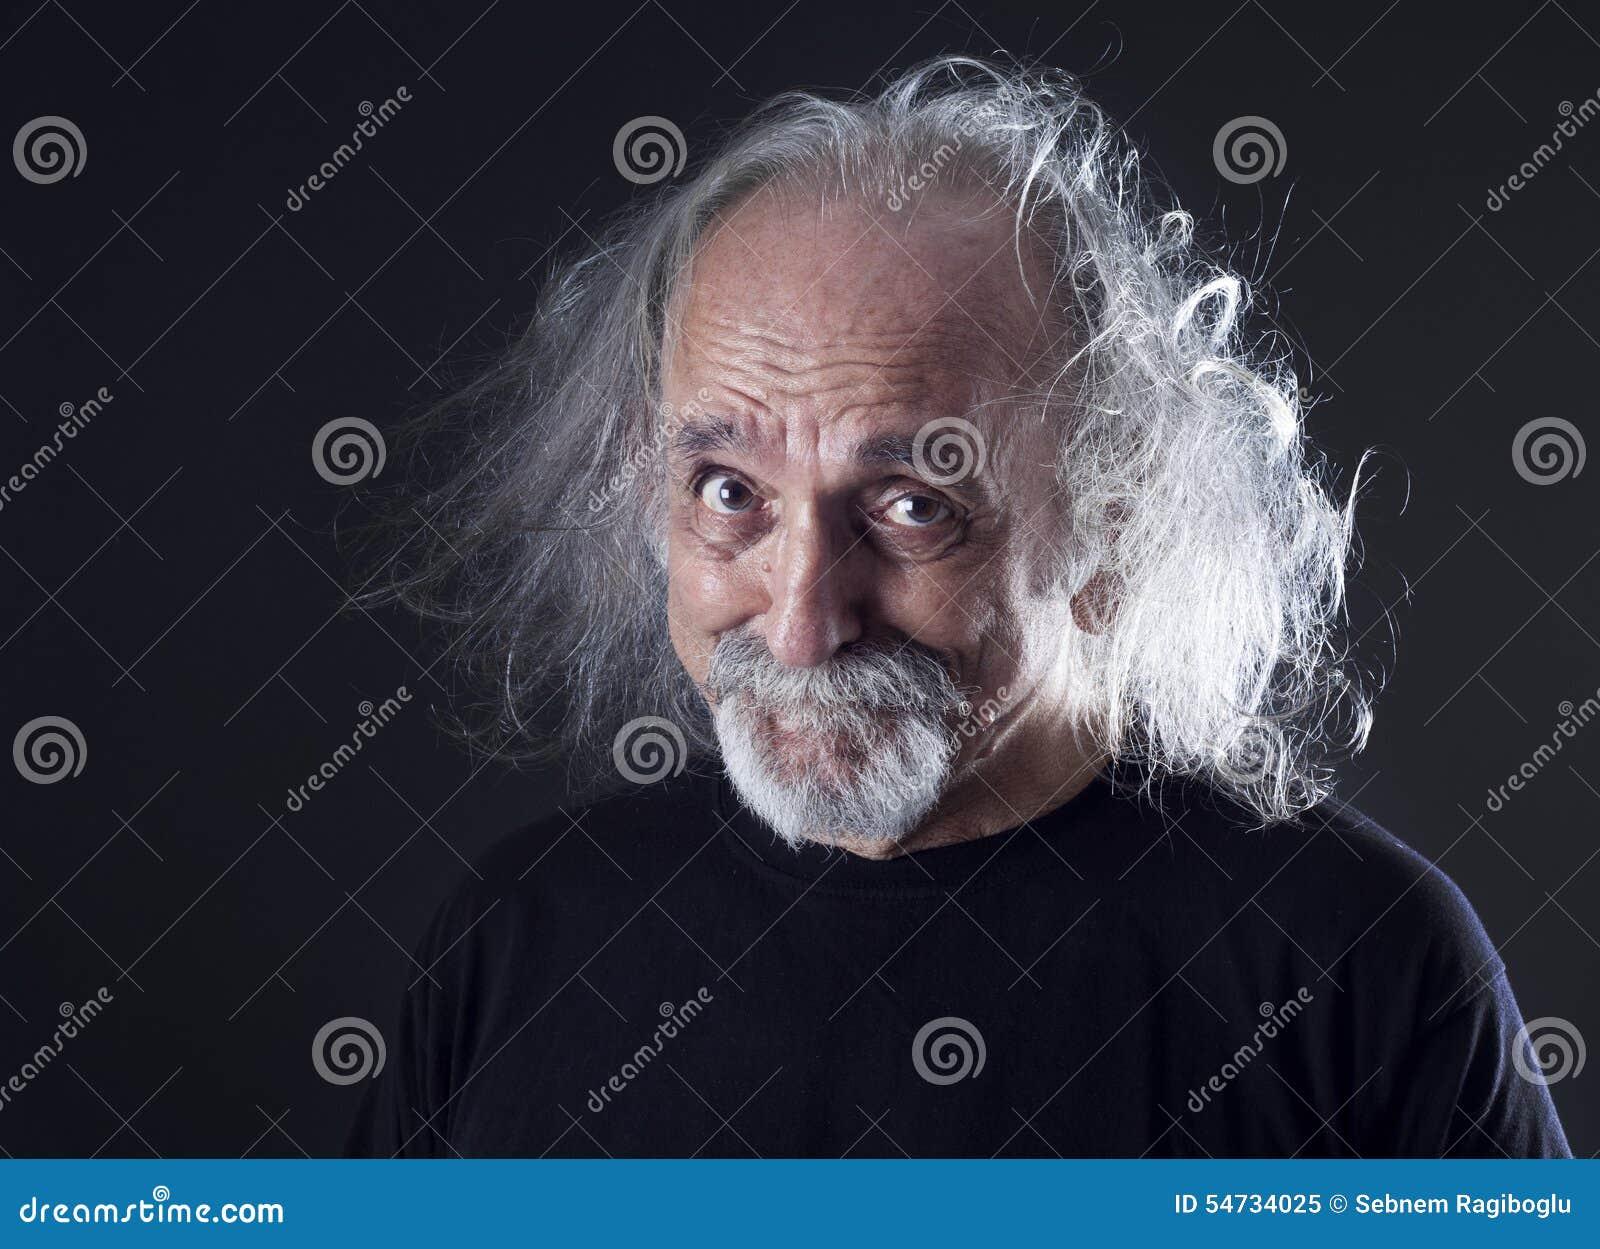 Portrait des älteren Mannes